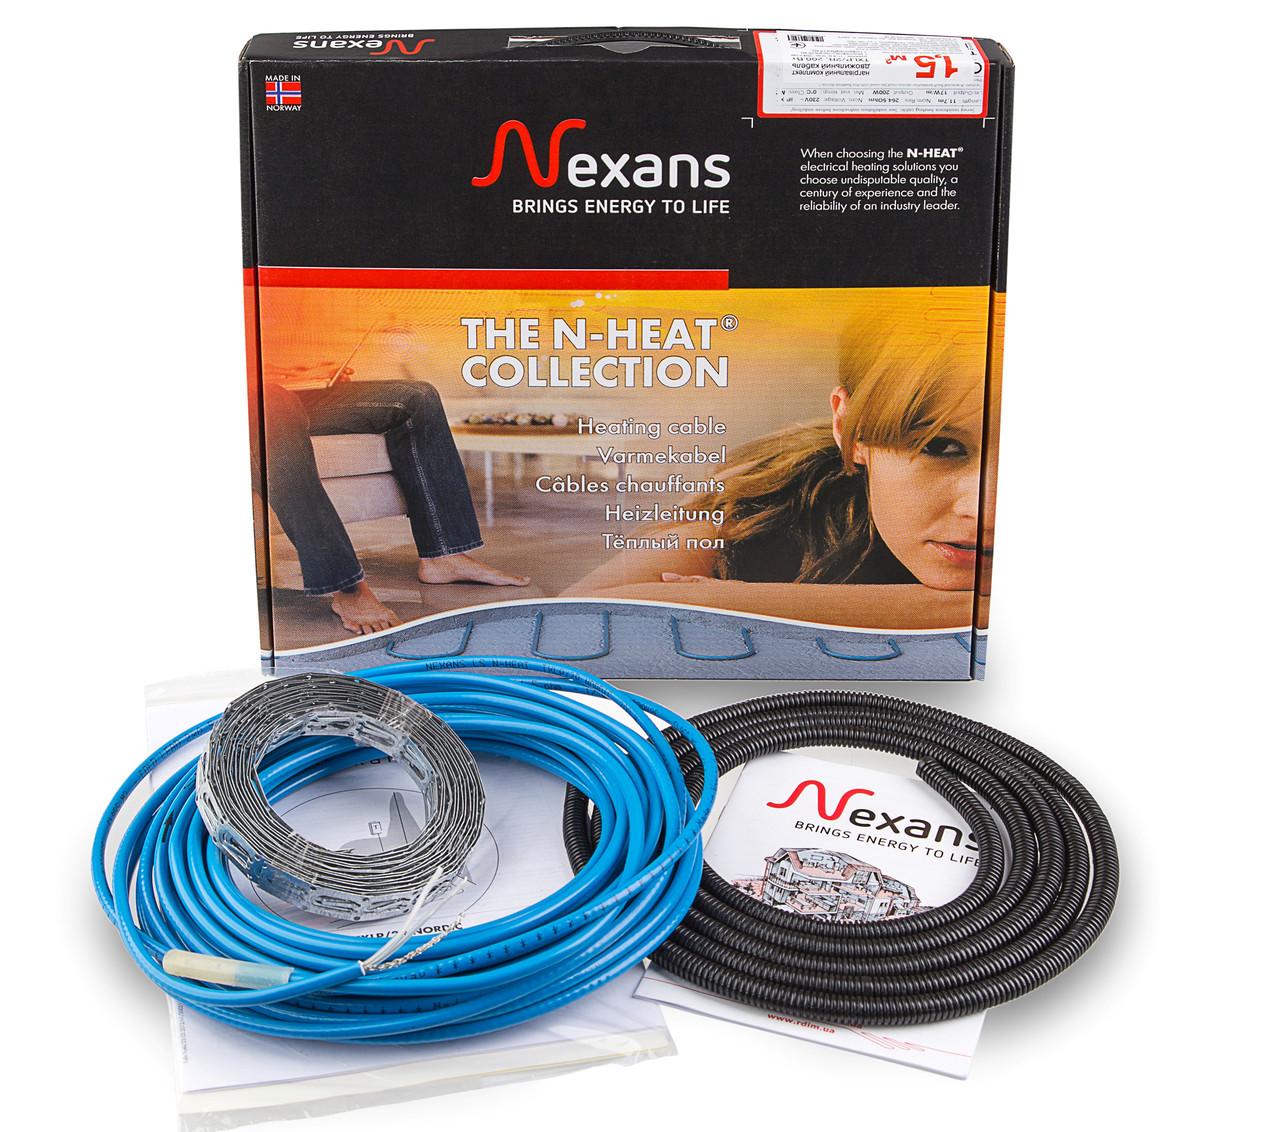 Теплый пол в стяжку под ламинат, кафель 7,0-9,1 м.кв. 1250 Вт. Двухжильный кабель Nexans. Гарантия 20 лет.